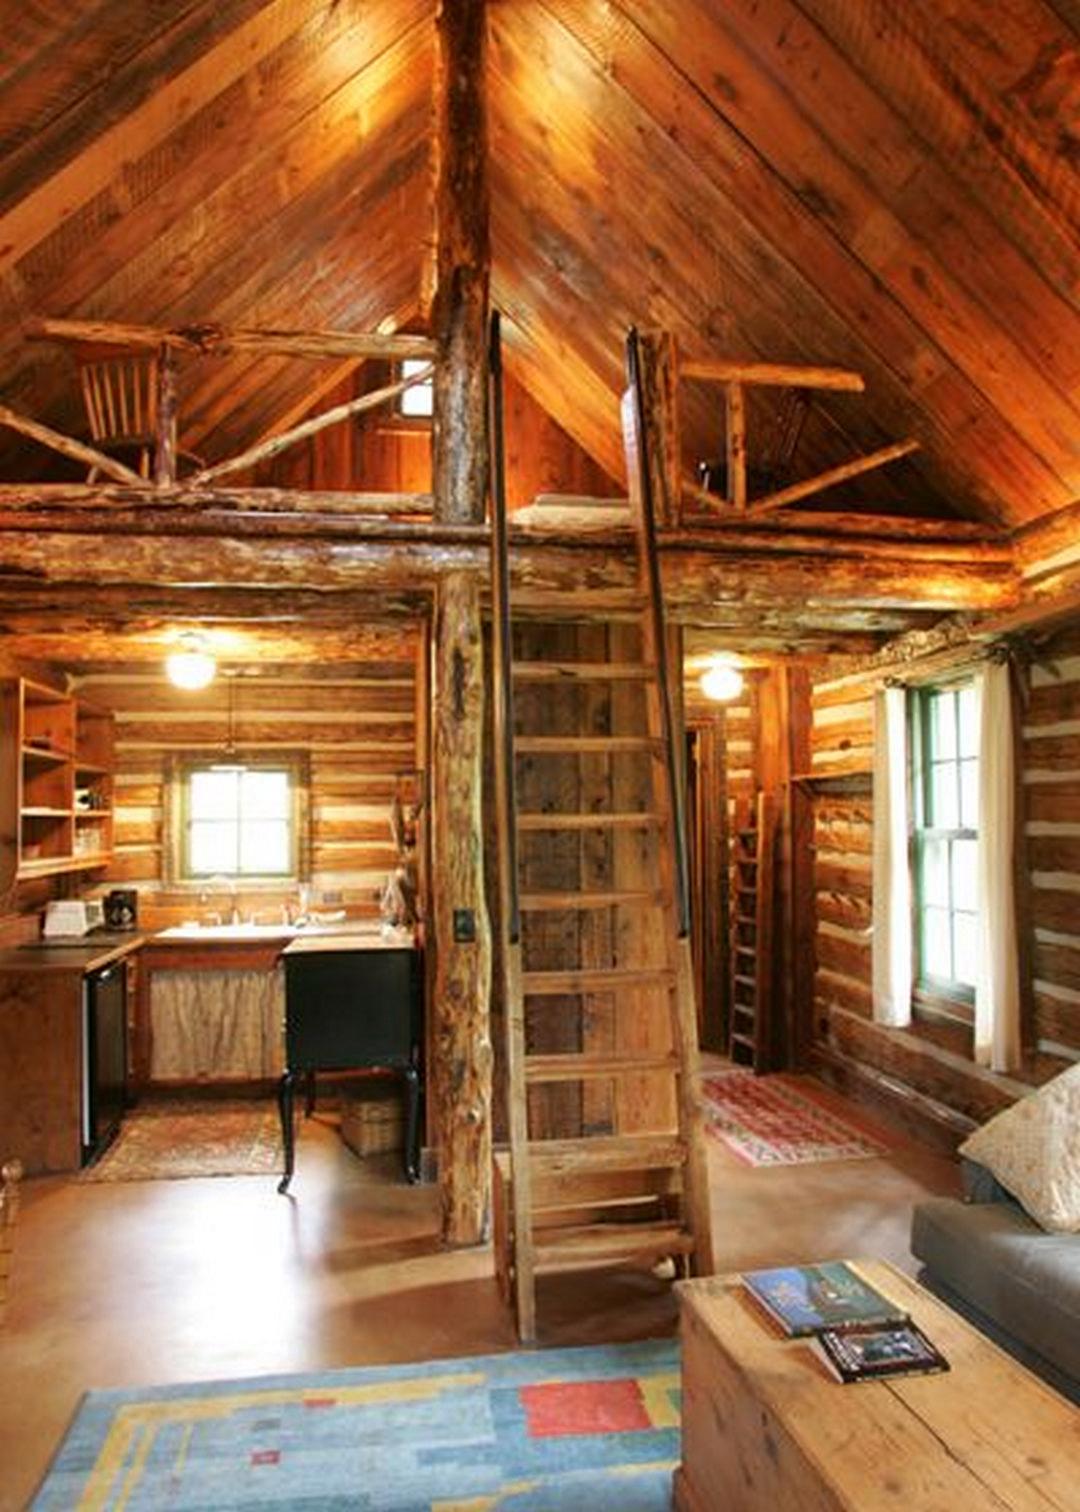 Gorgeous Rustic Cabin Interior Idea (7)